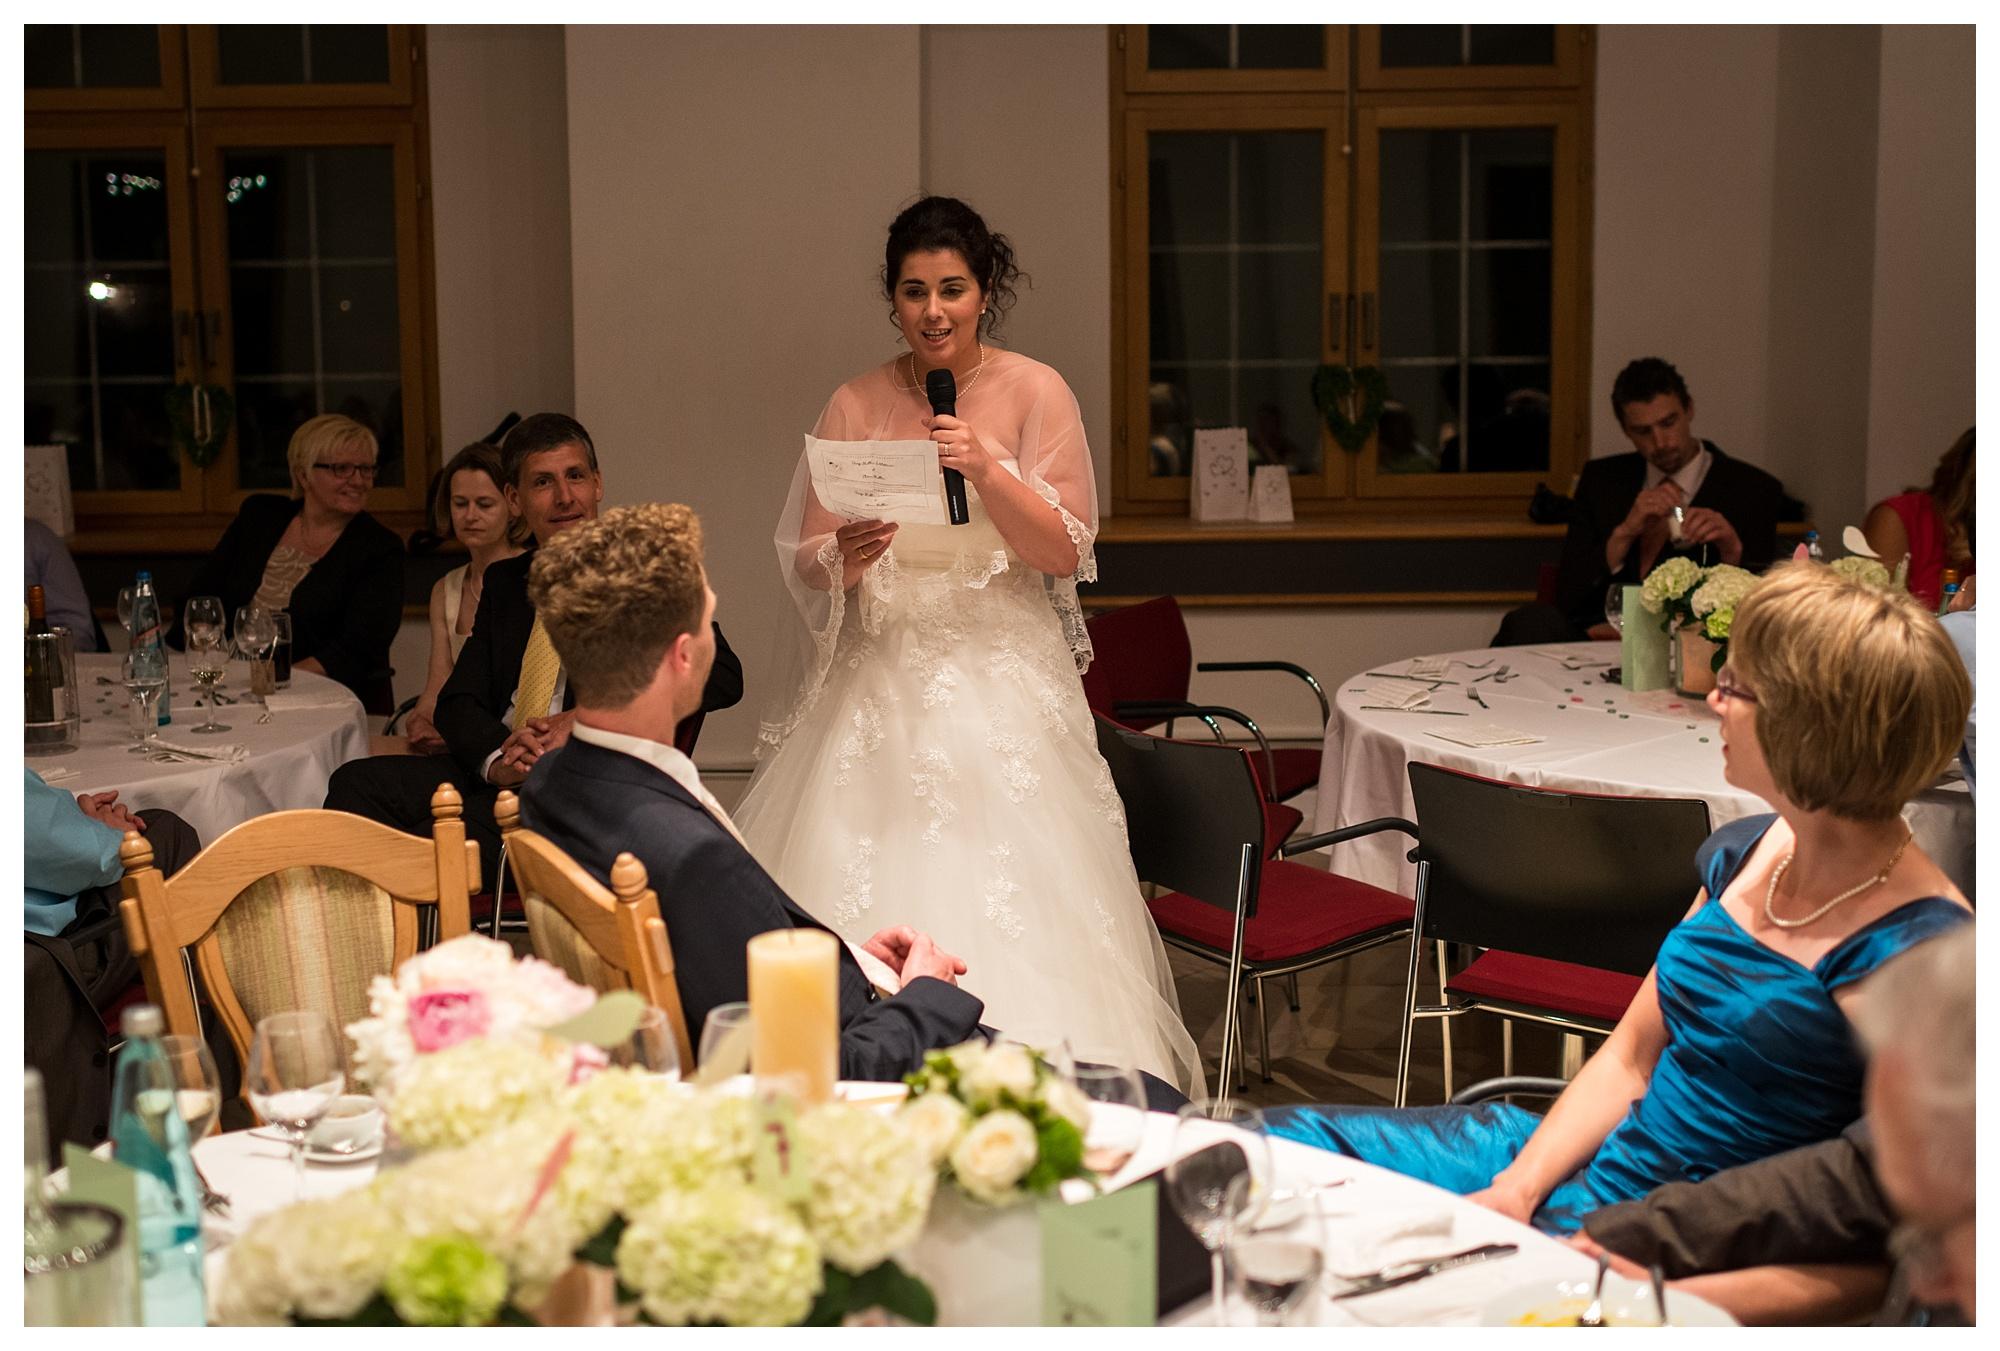 Fotograf Konstanz - Hochzeit Tanja Elmar Elmar Feuerbacher Photography Konstanz Messkirch Highlights 102 - Hochzeitsreportage von Tanja und Elmar im Schloss Meßkirch  - 201 -